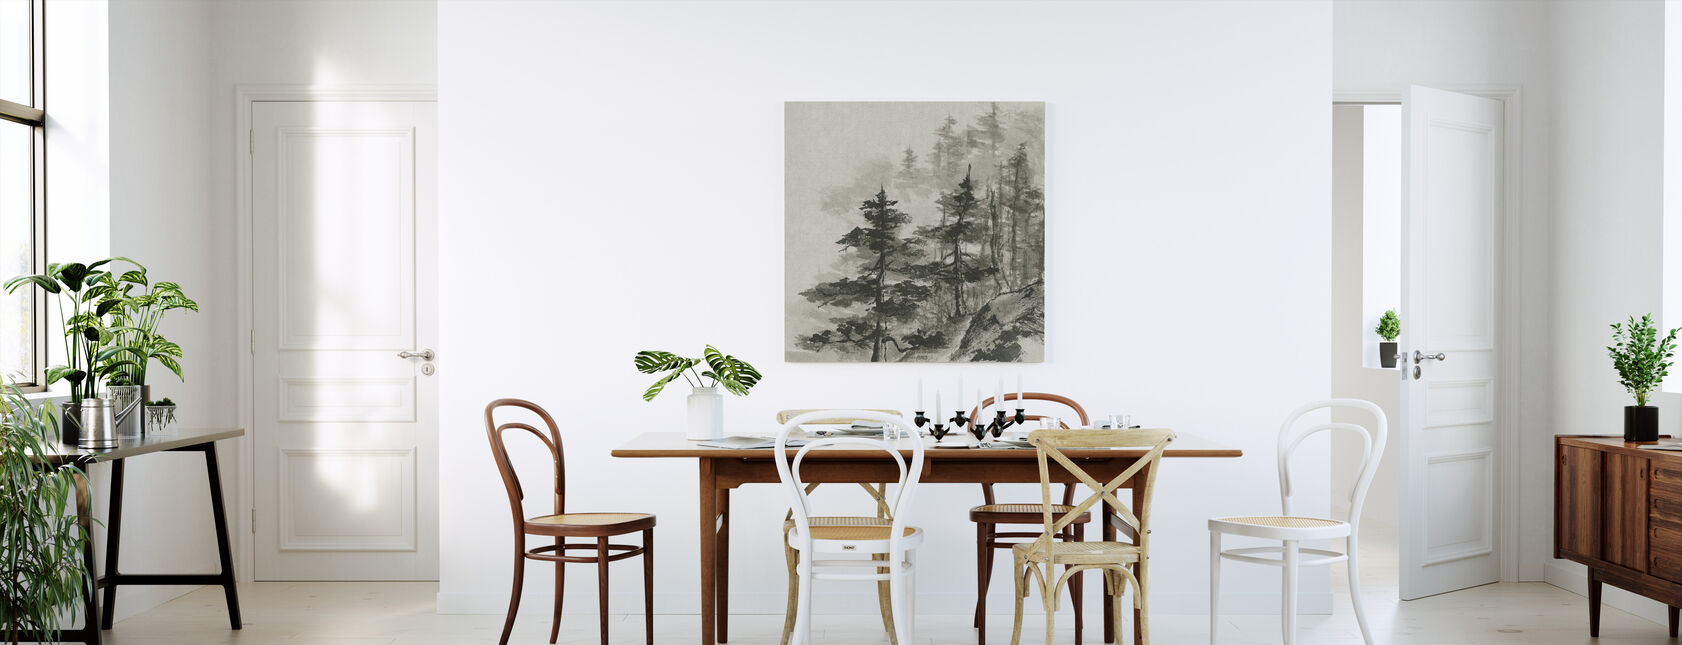 Sumi Treetops - Canvastaulu - Keittiö